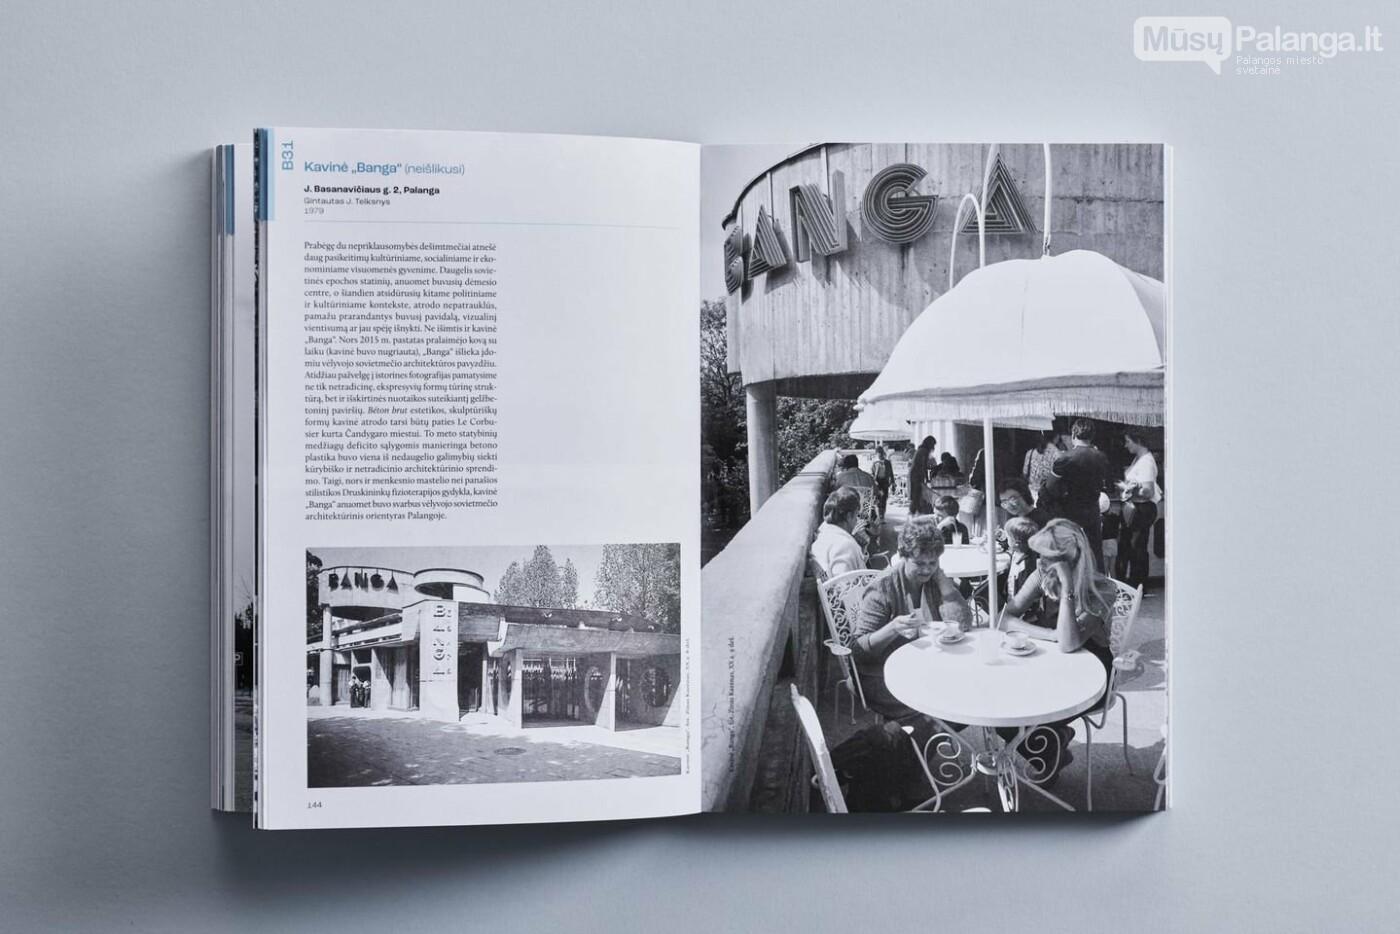 """Neišlikusi kavinė """"Banga"""" leidyklos """"Lapas"""" išleistoje knygoje """"Palanga. Architektūros gidas"""". Roberto Daskevičiaus nuotrauka"""